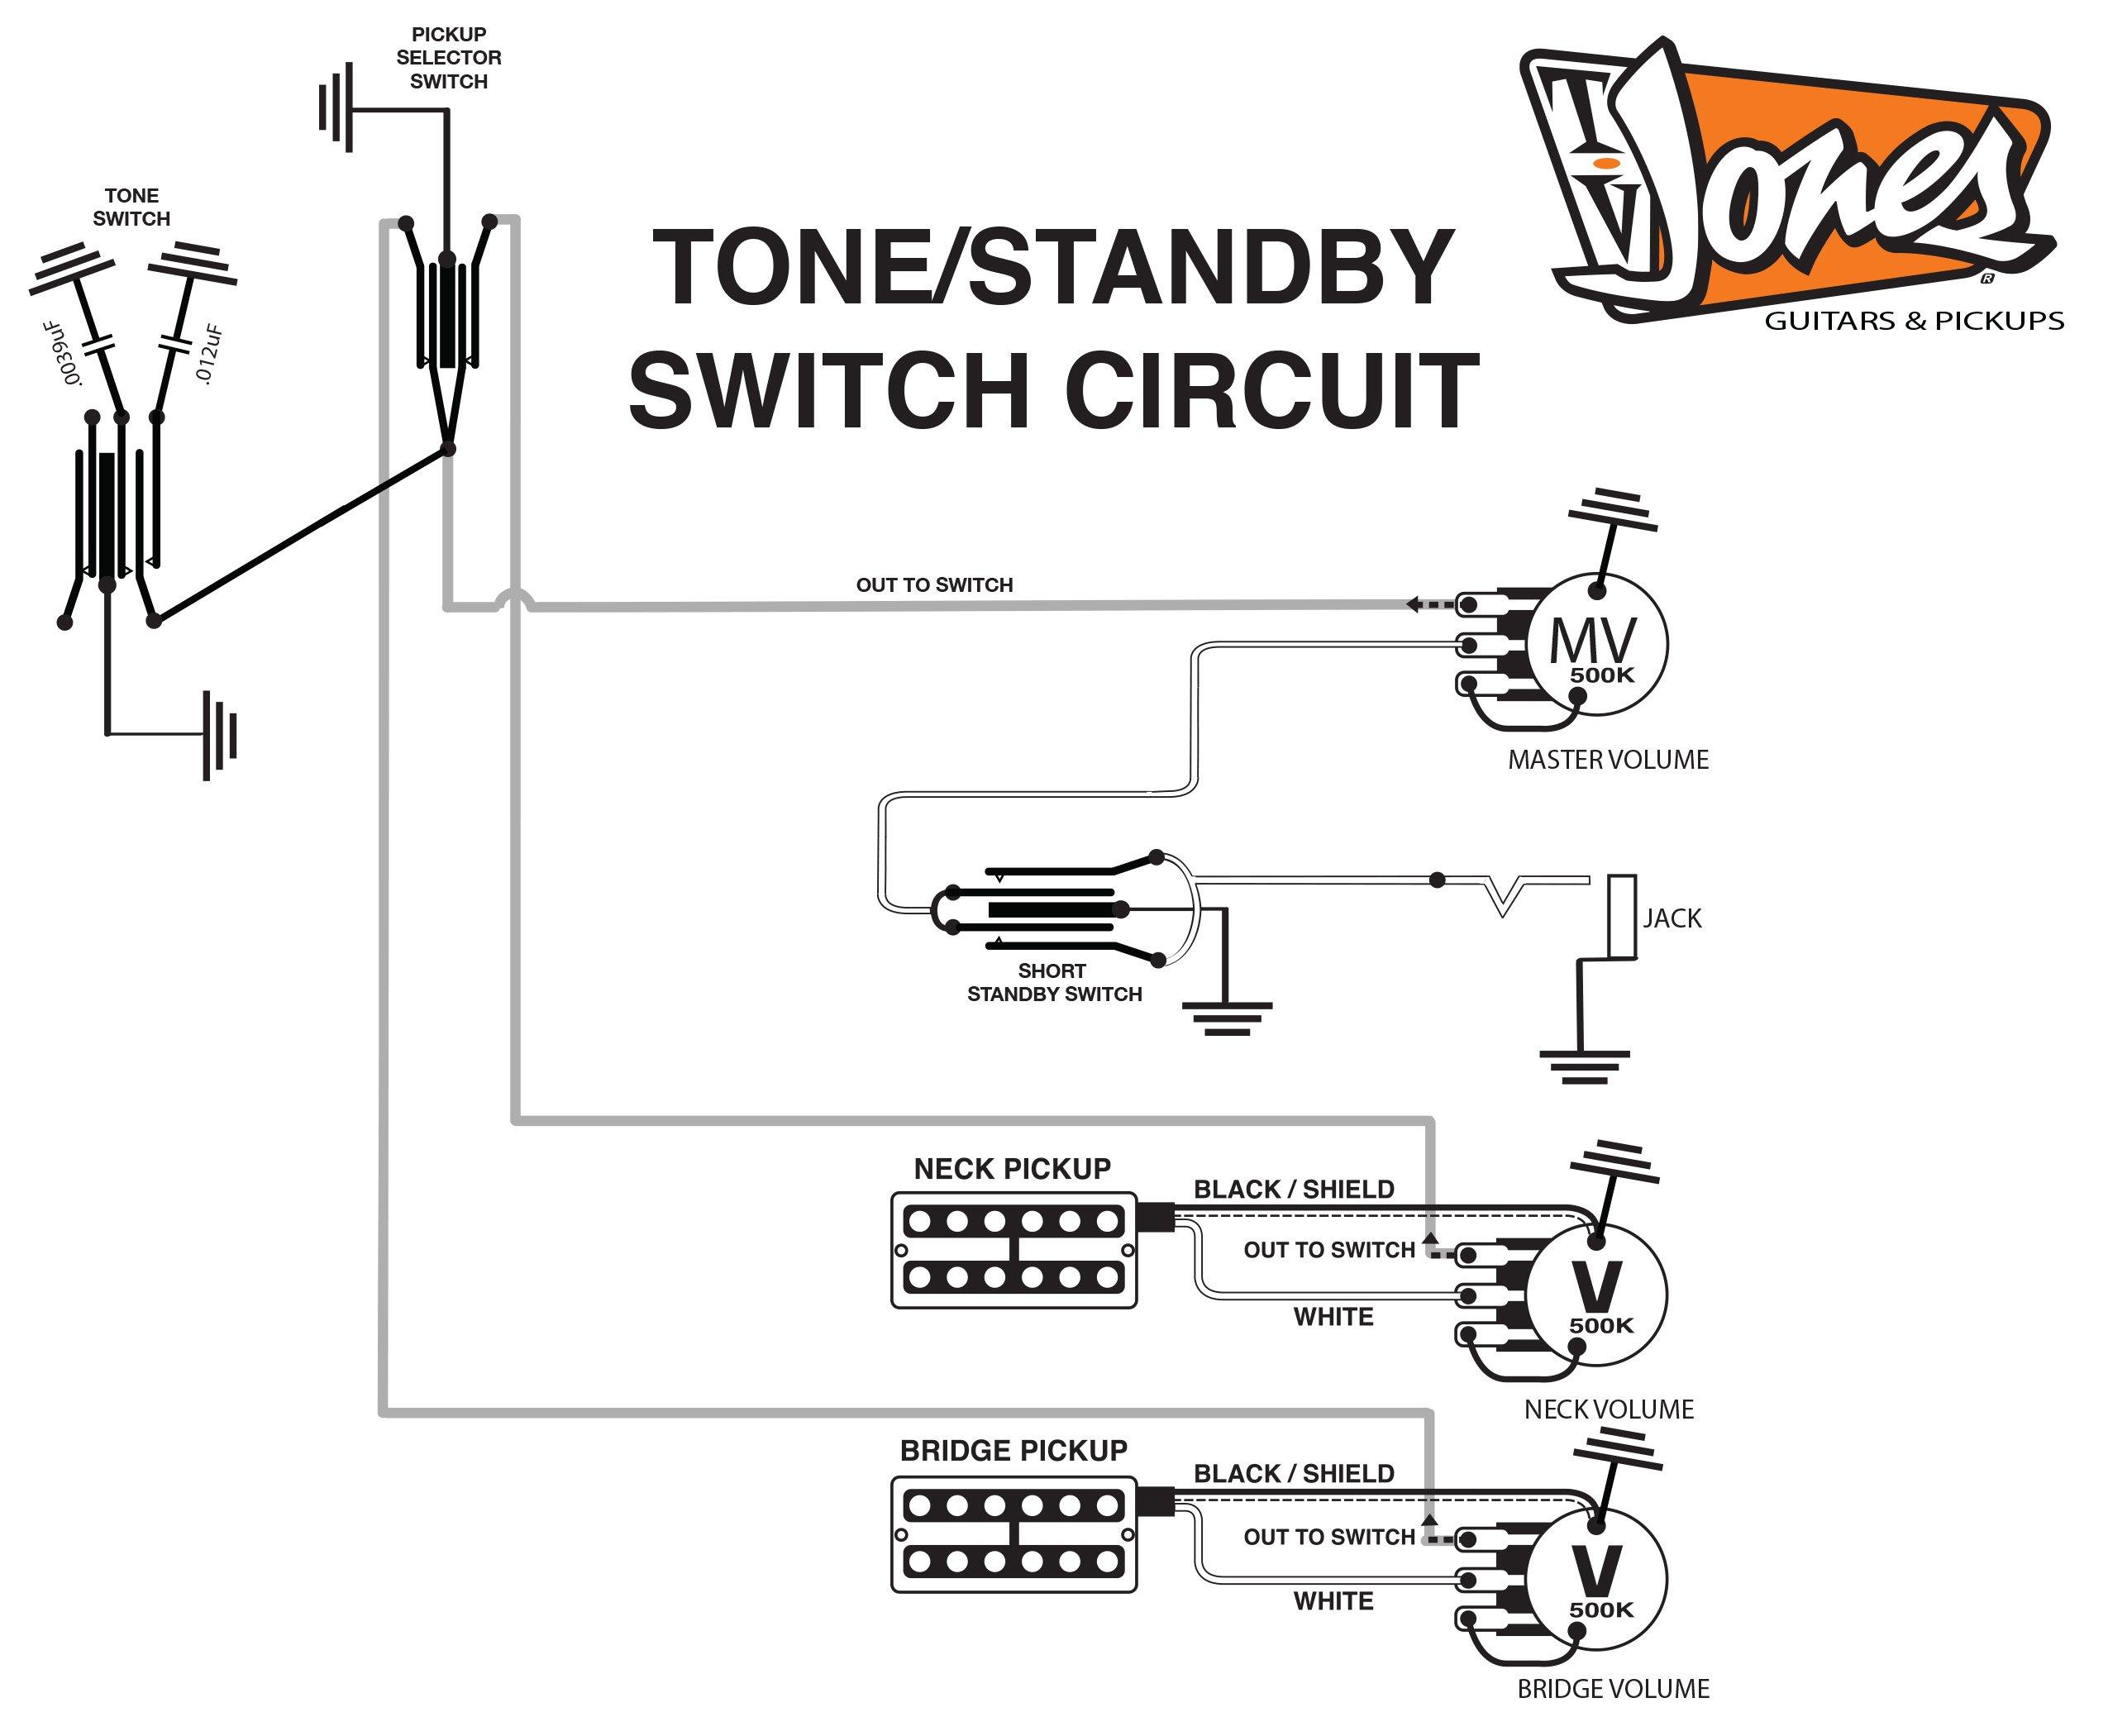 Gretsch G5120 Wiring Schematic